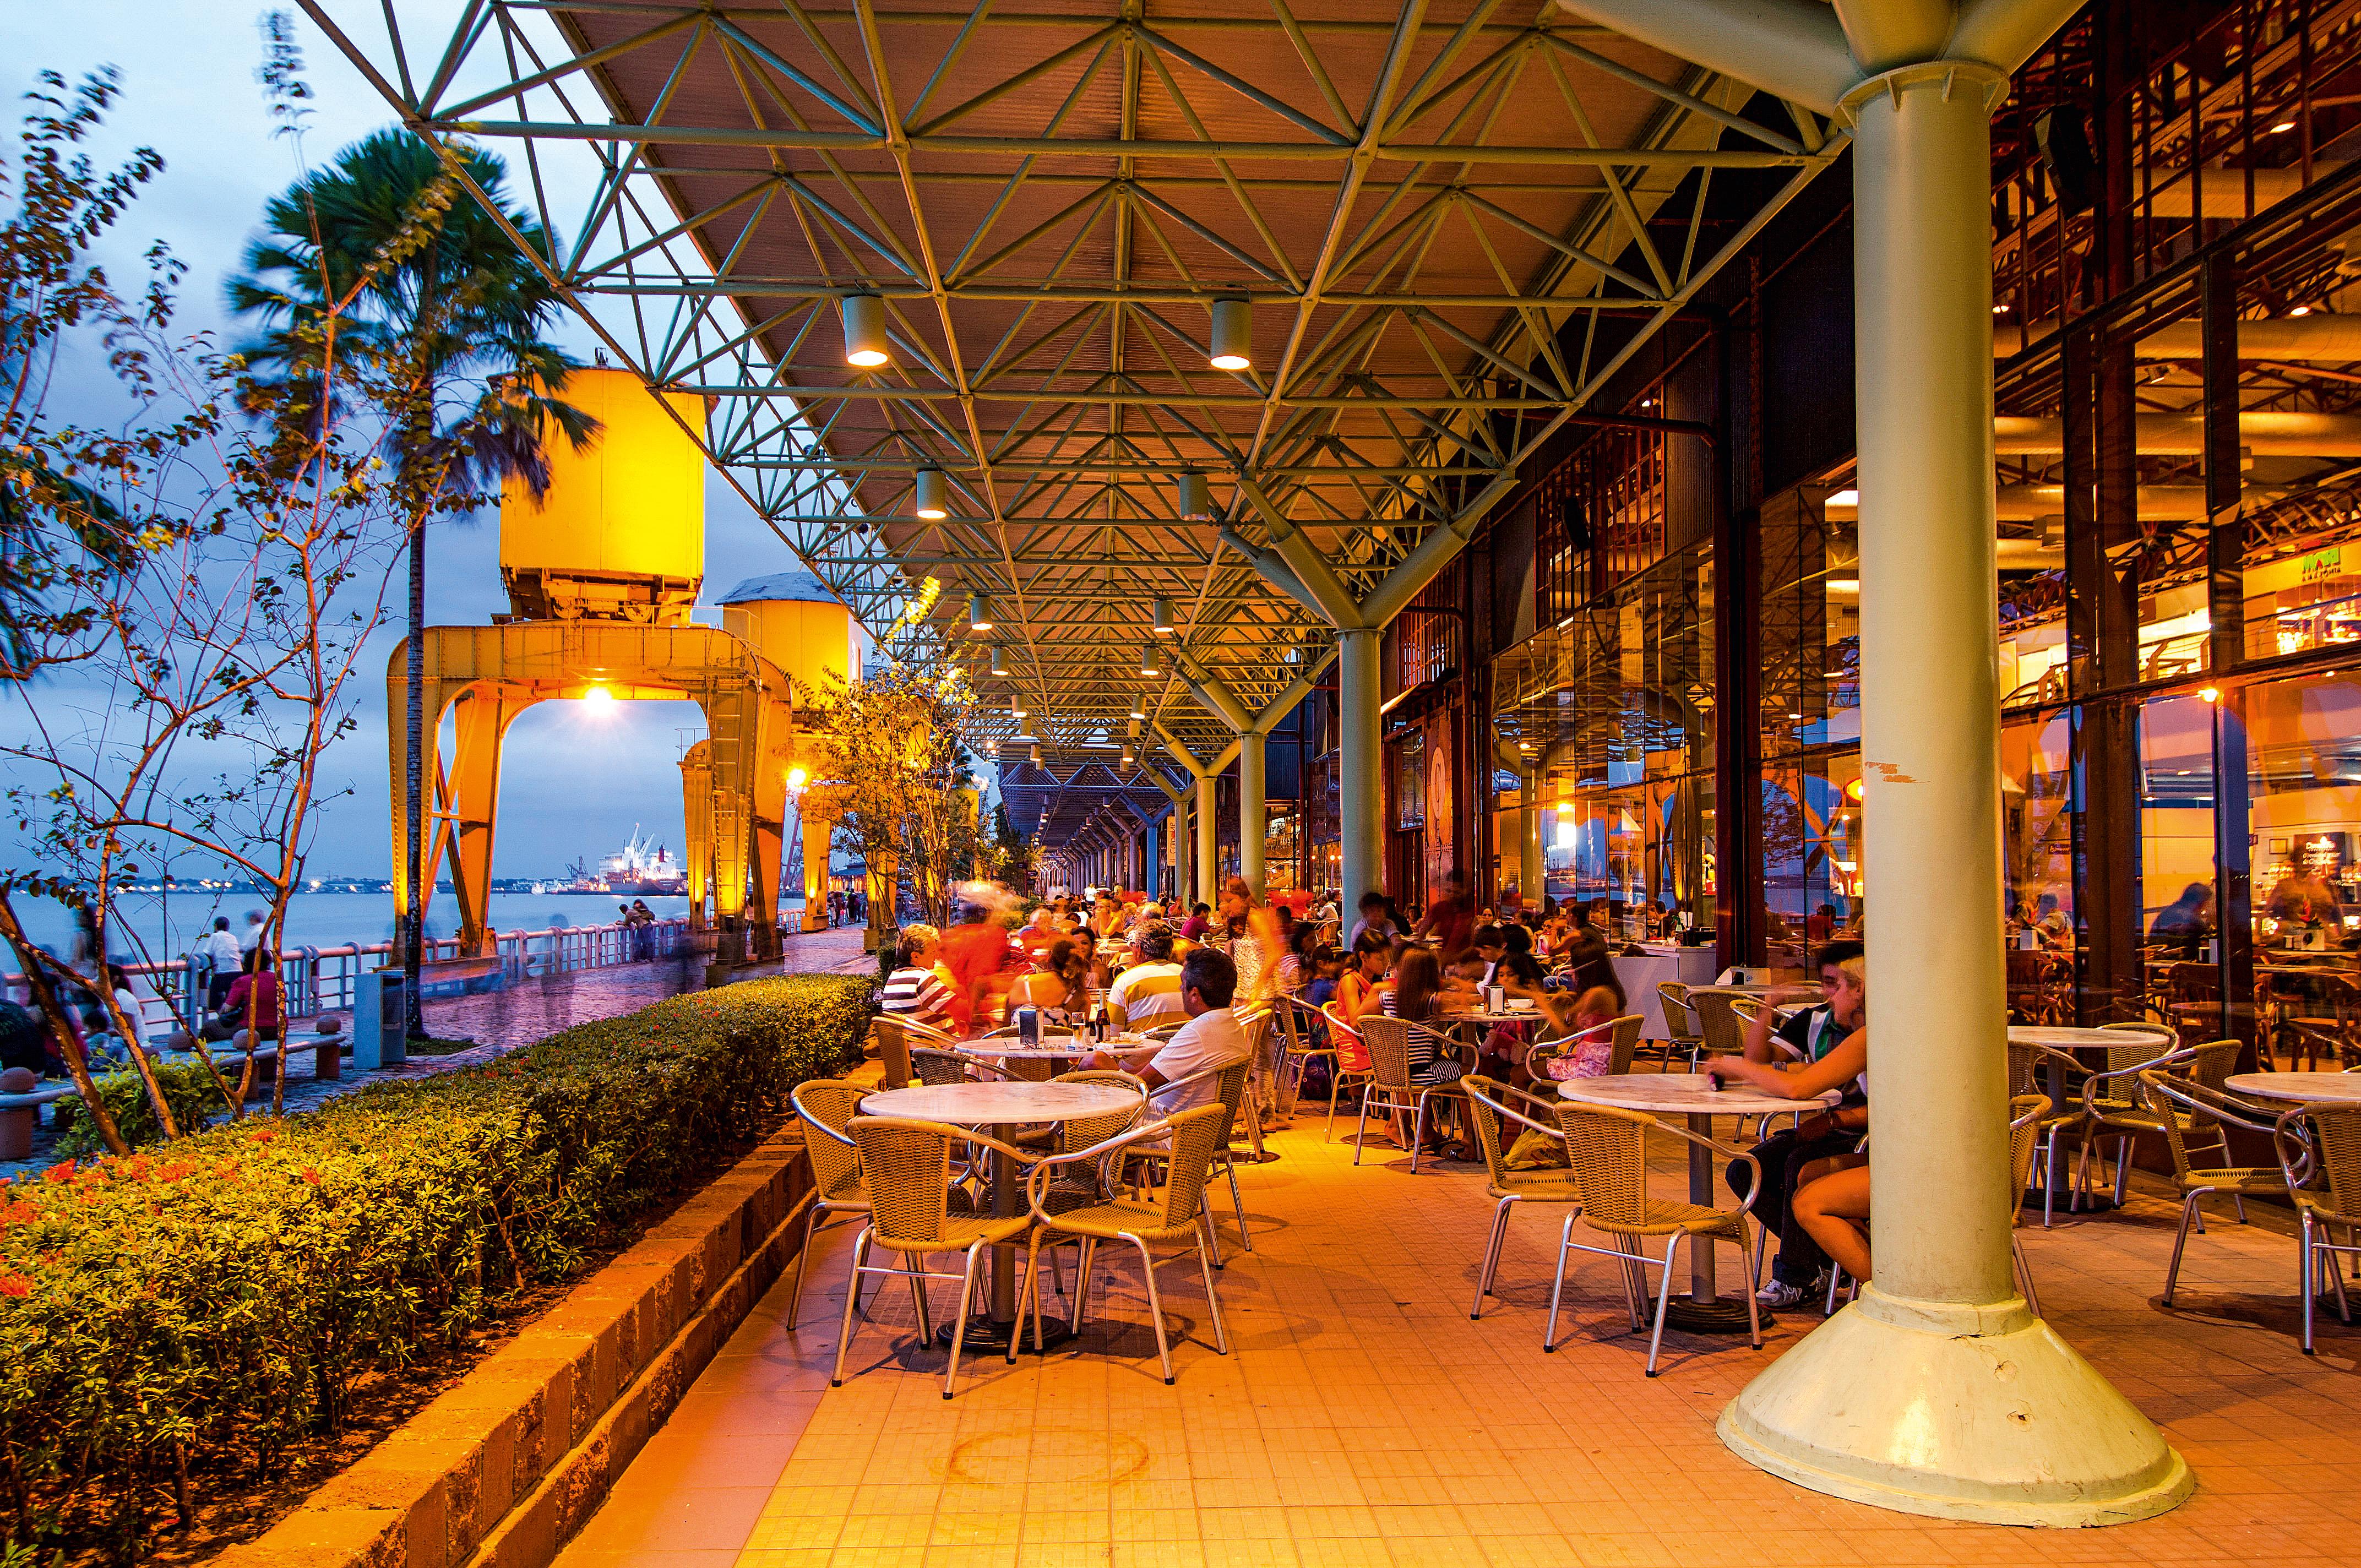 Uma passarela ao lado do mar cheia de mesinhas e lojas se estende sob o crepúsculo